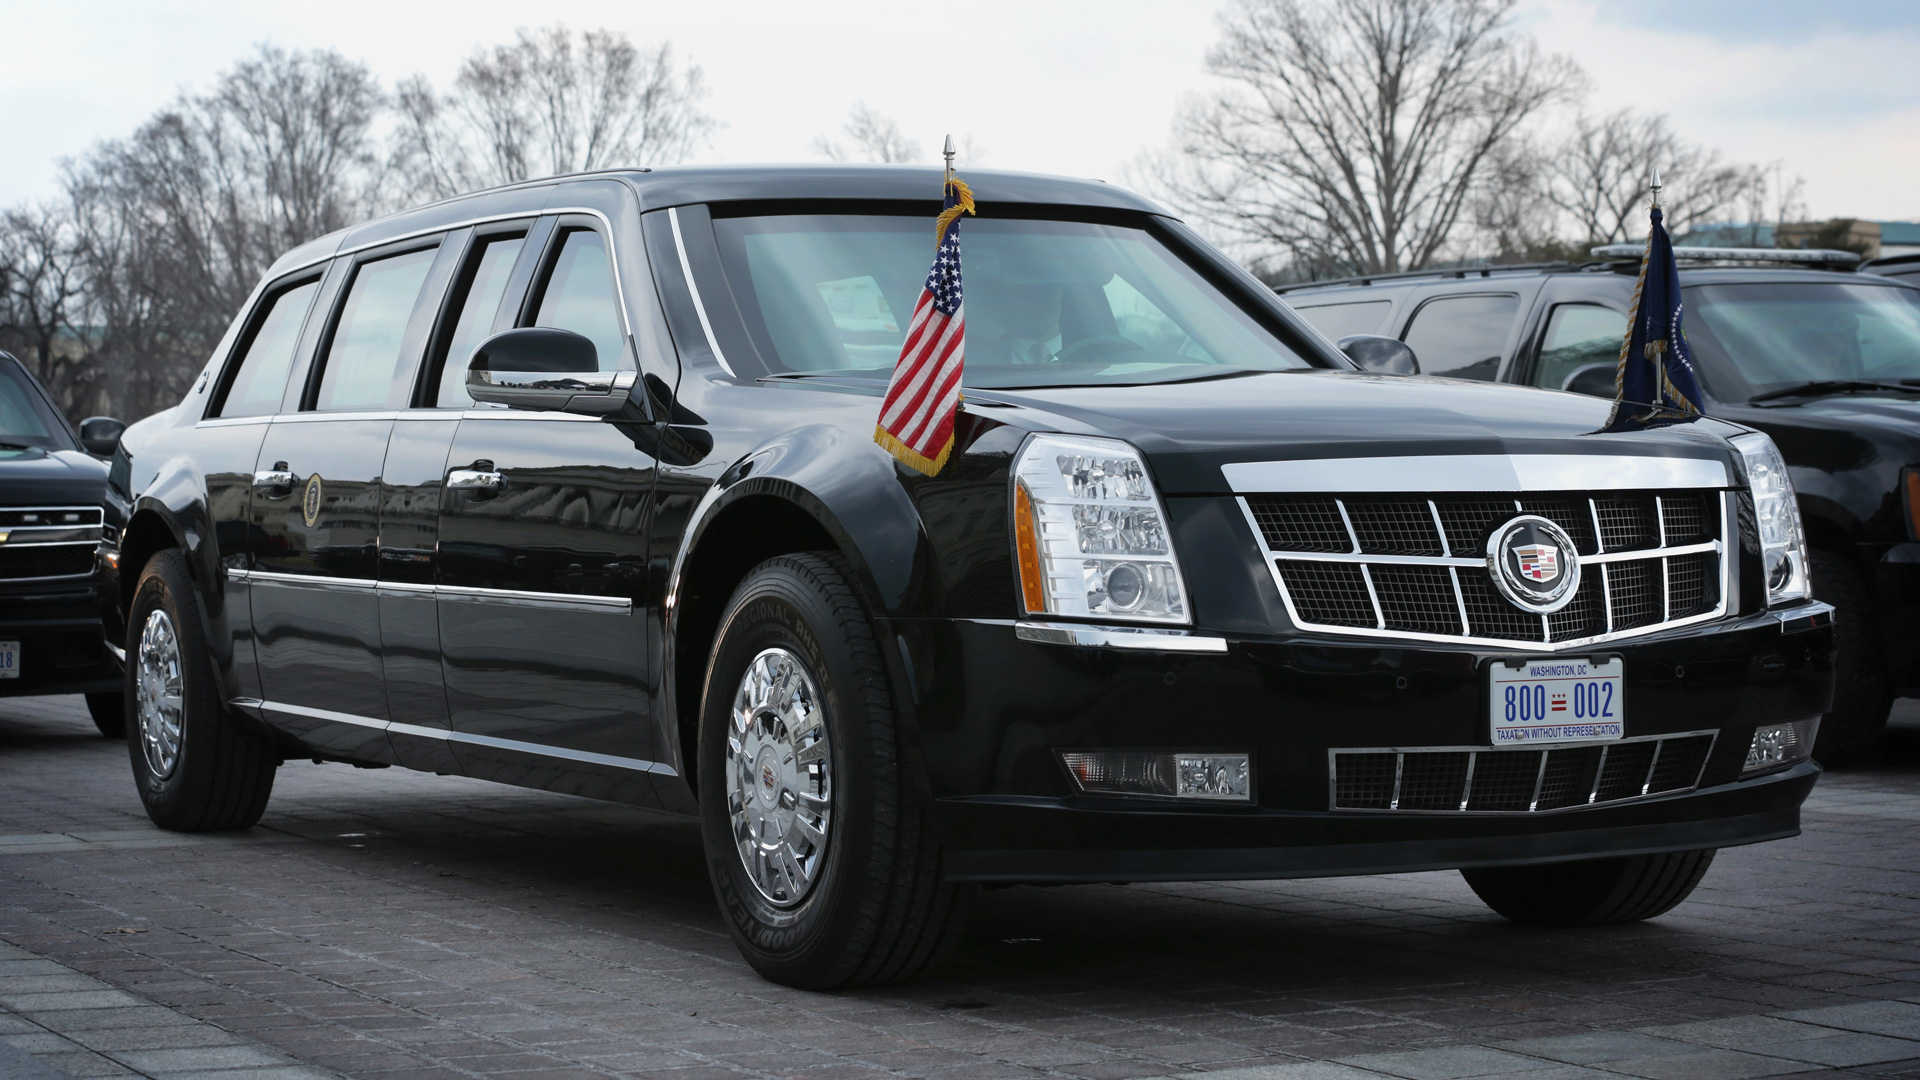 Изкаких машин состоит кортеж президента США. Фото 3